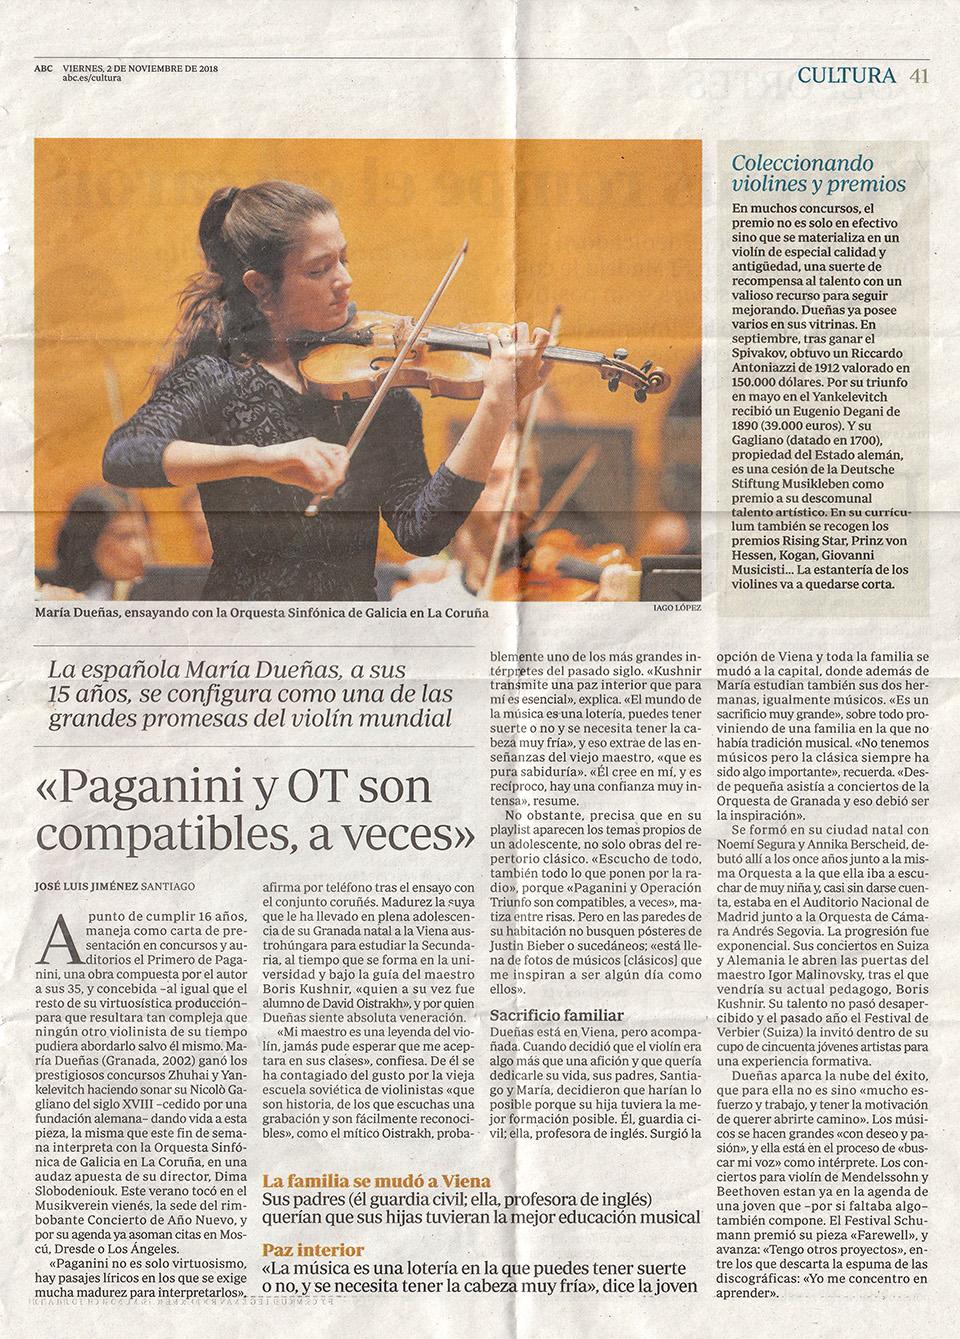 María Dueñas ensayo con la Orquesta Sinfónica de Galicia